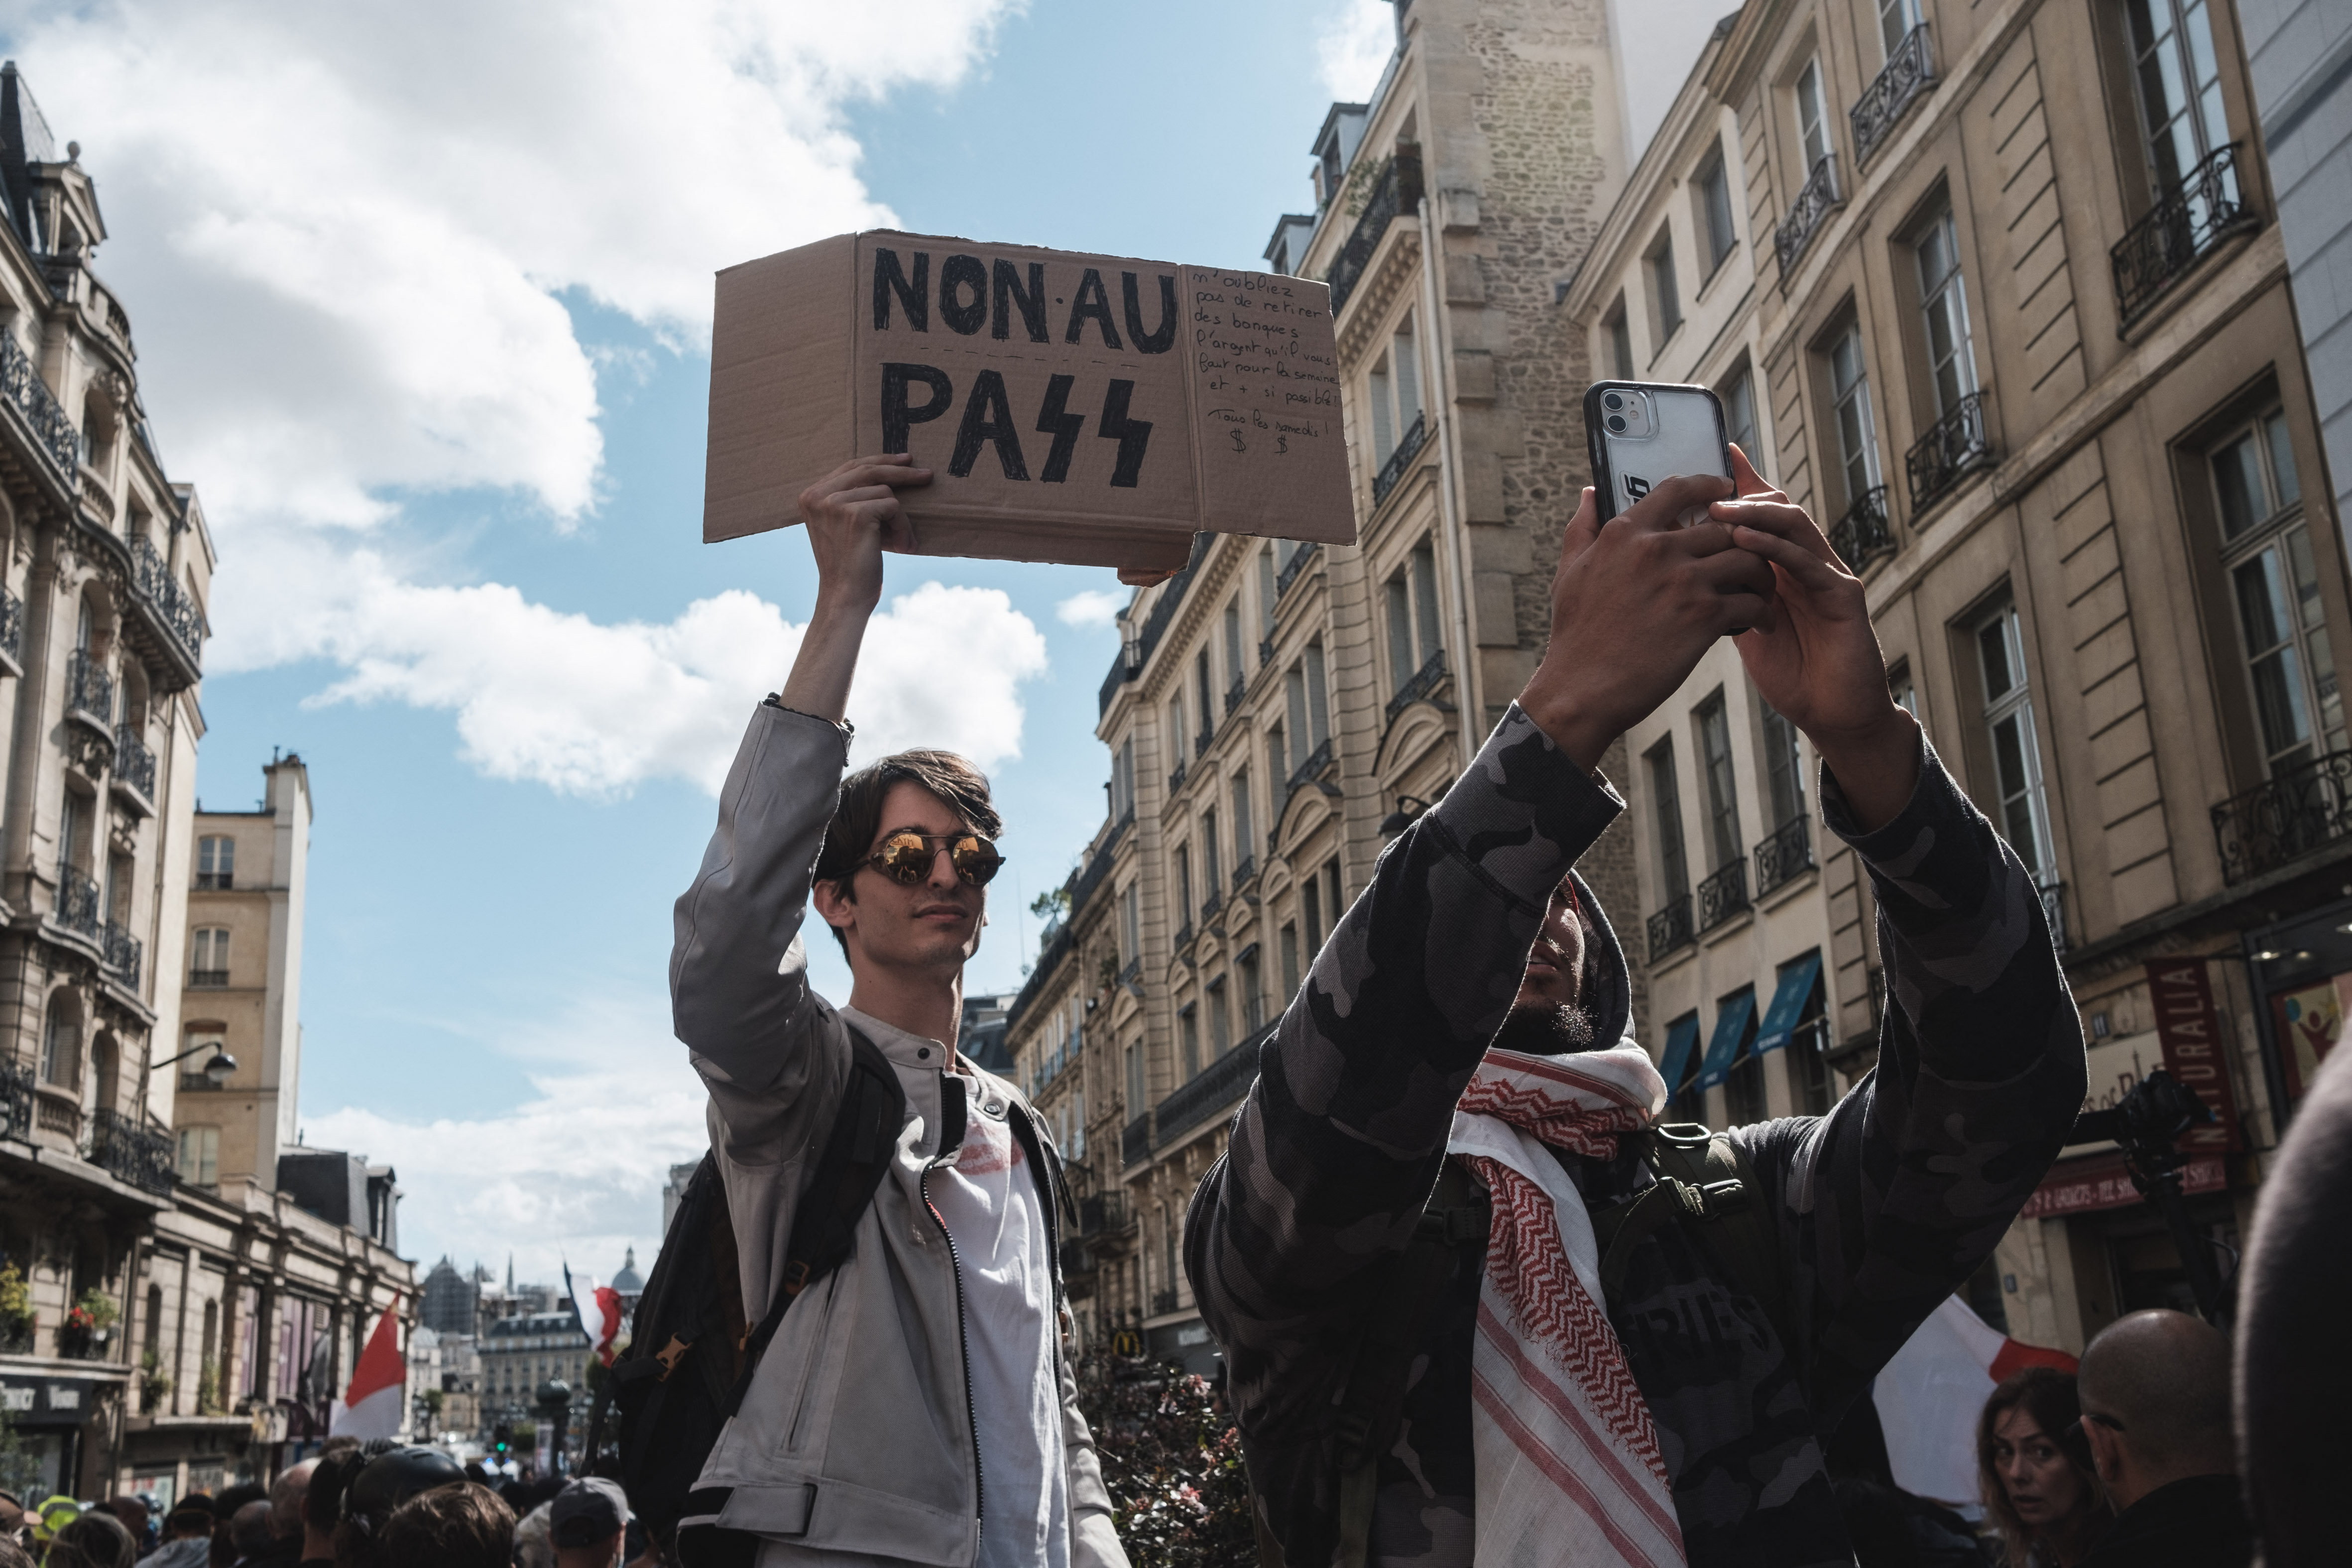 Franciaországban több helyen is horogkereszteket festettek oltópontok épületeire